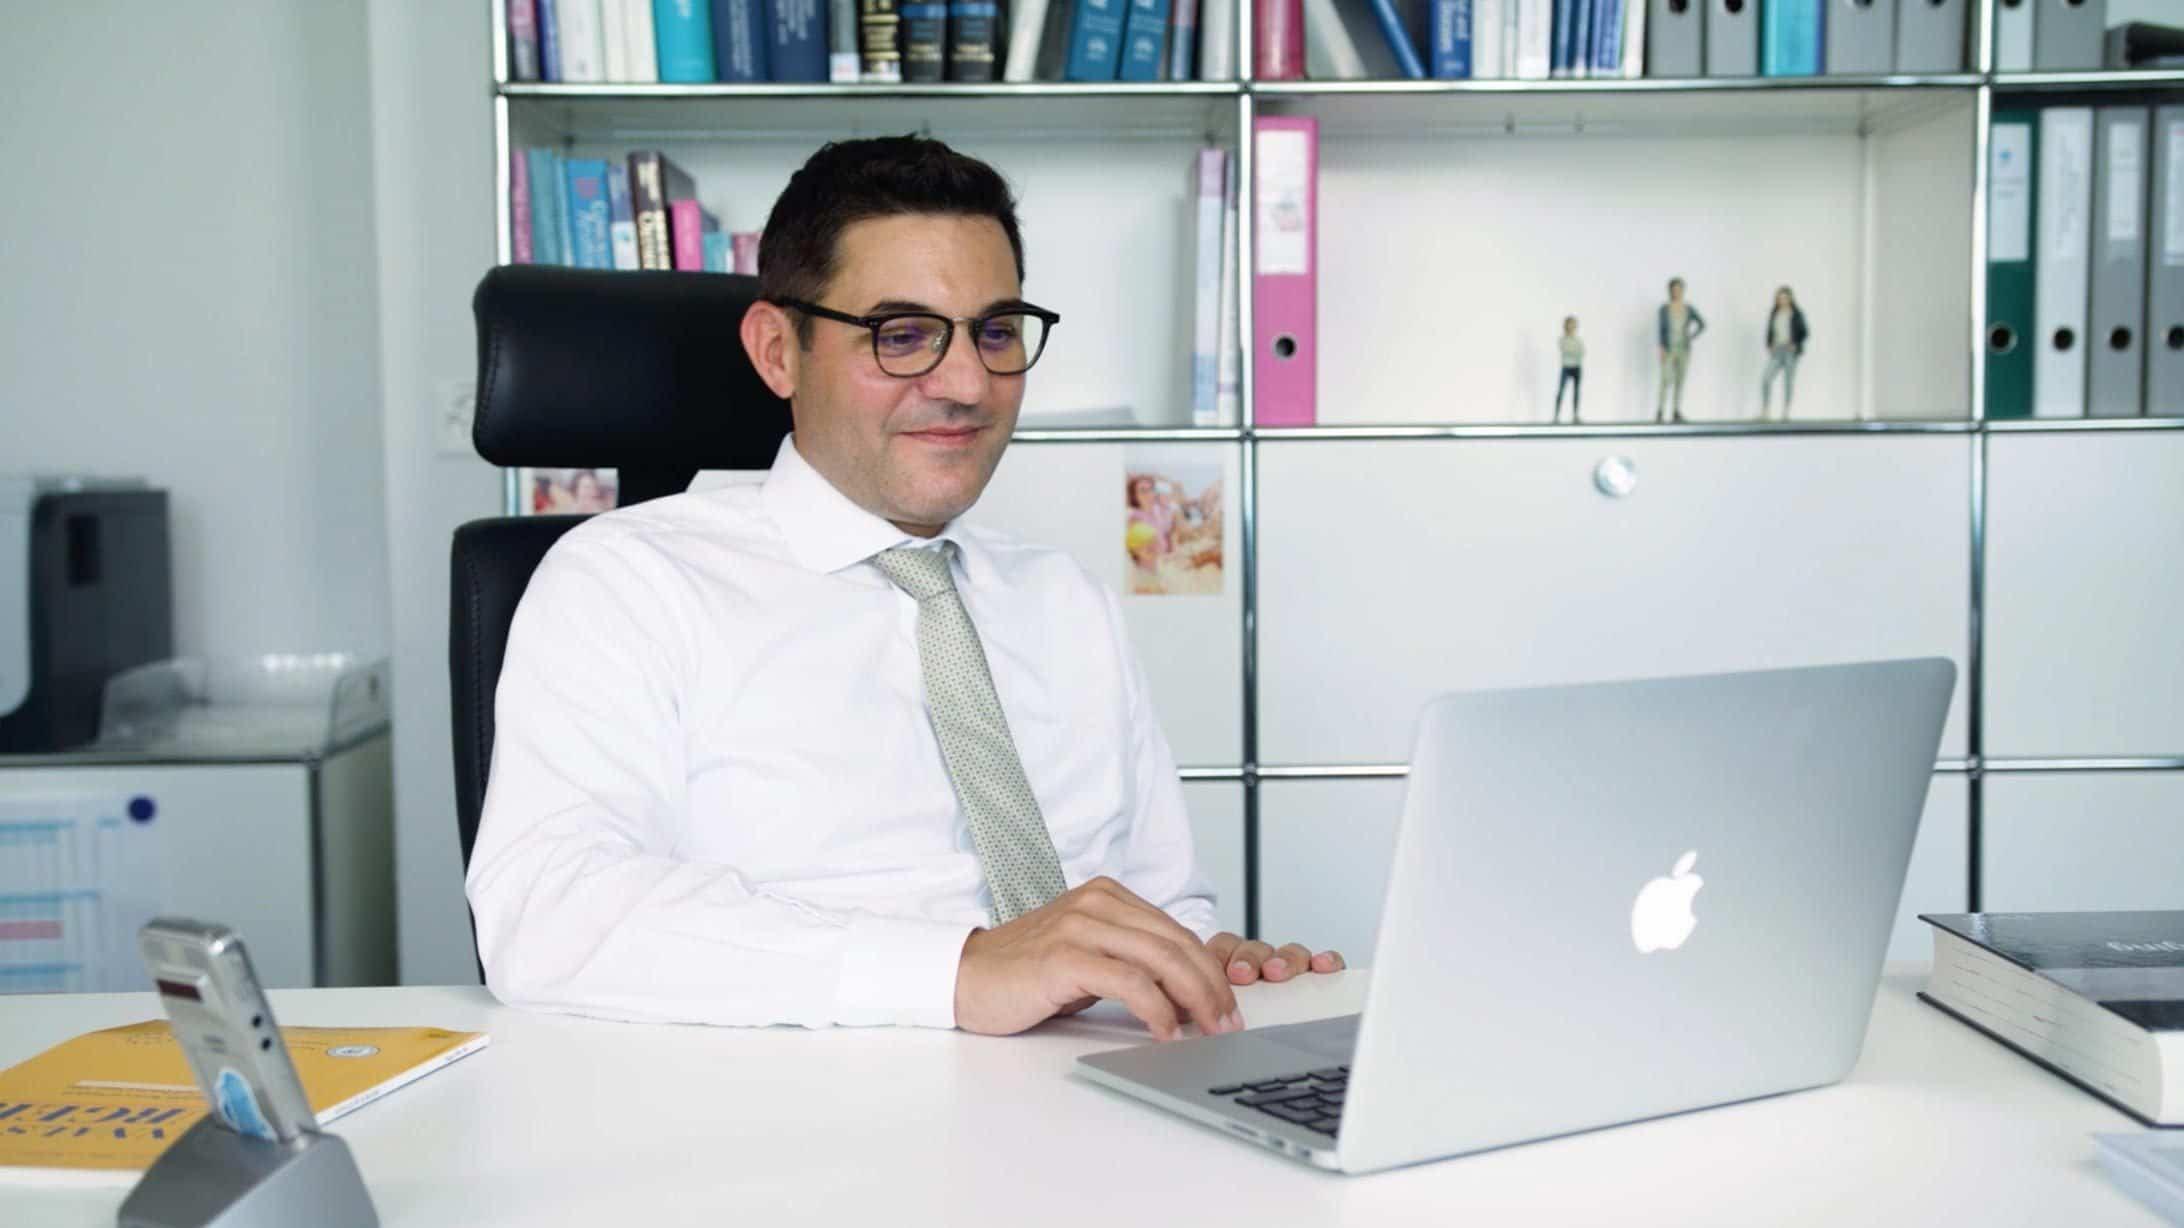 Antonio Nocito bewertet Arztserien